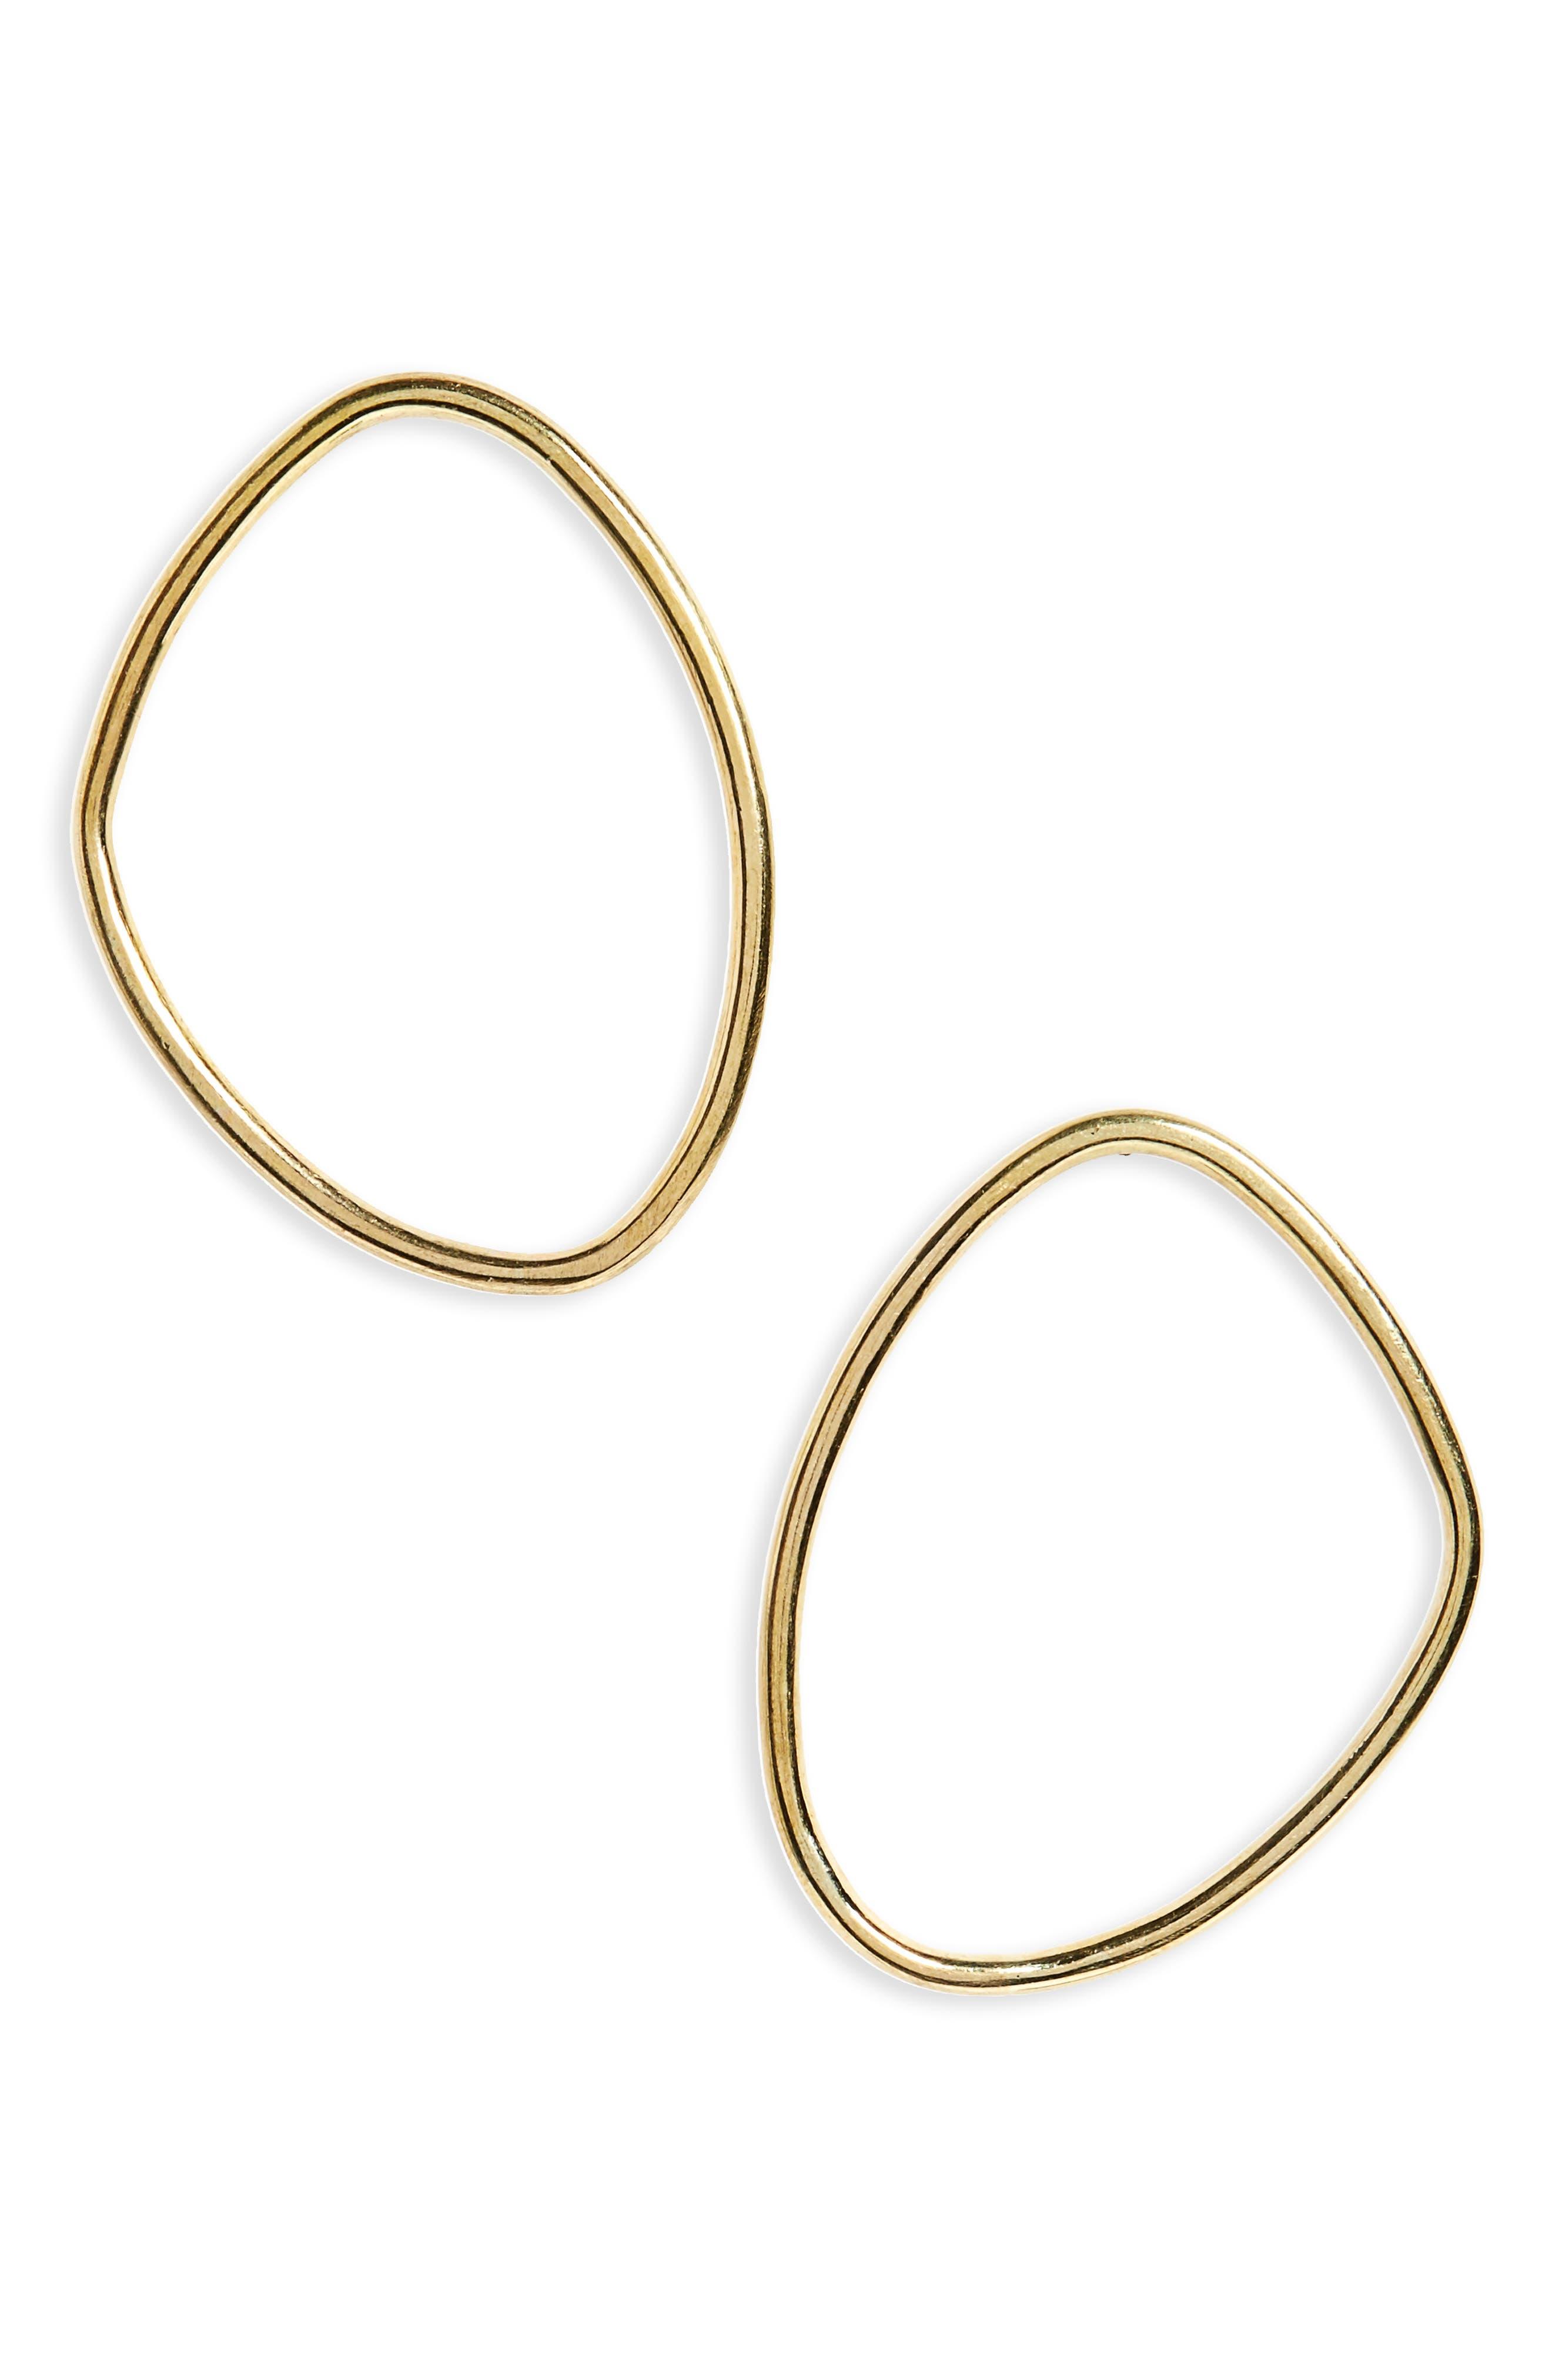 Soko Sabi Outline Large Stud Earrings